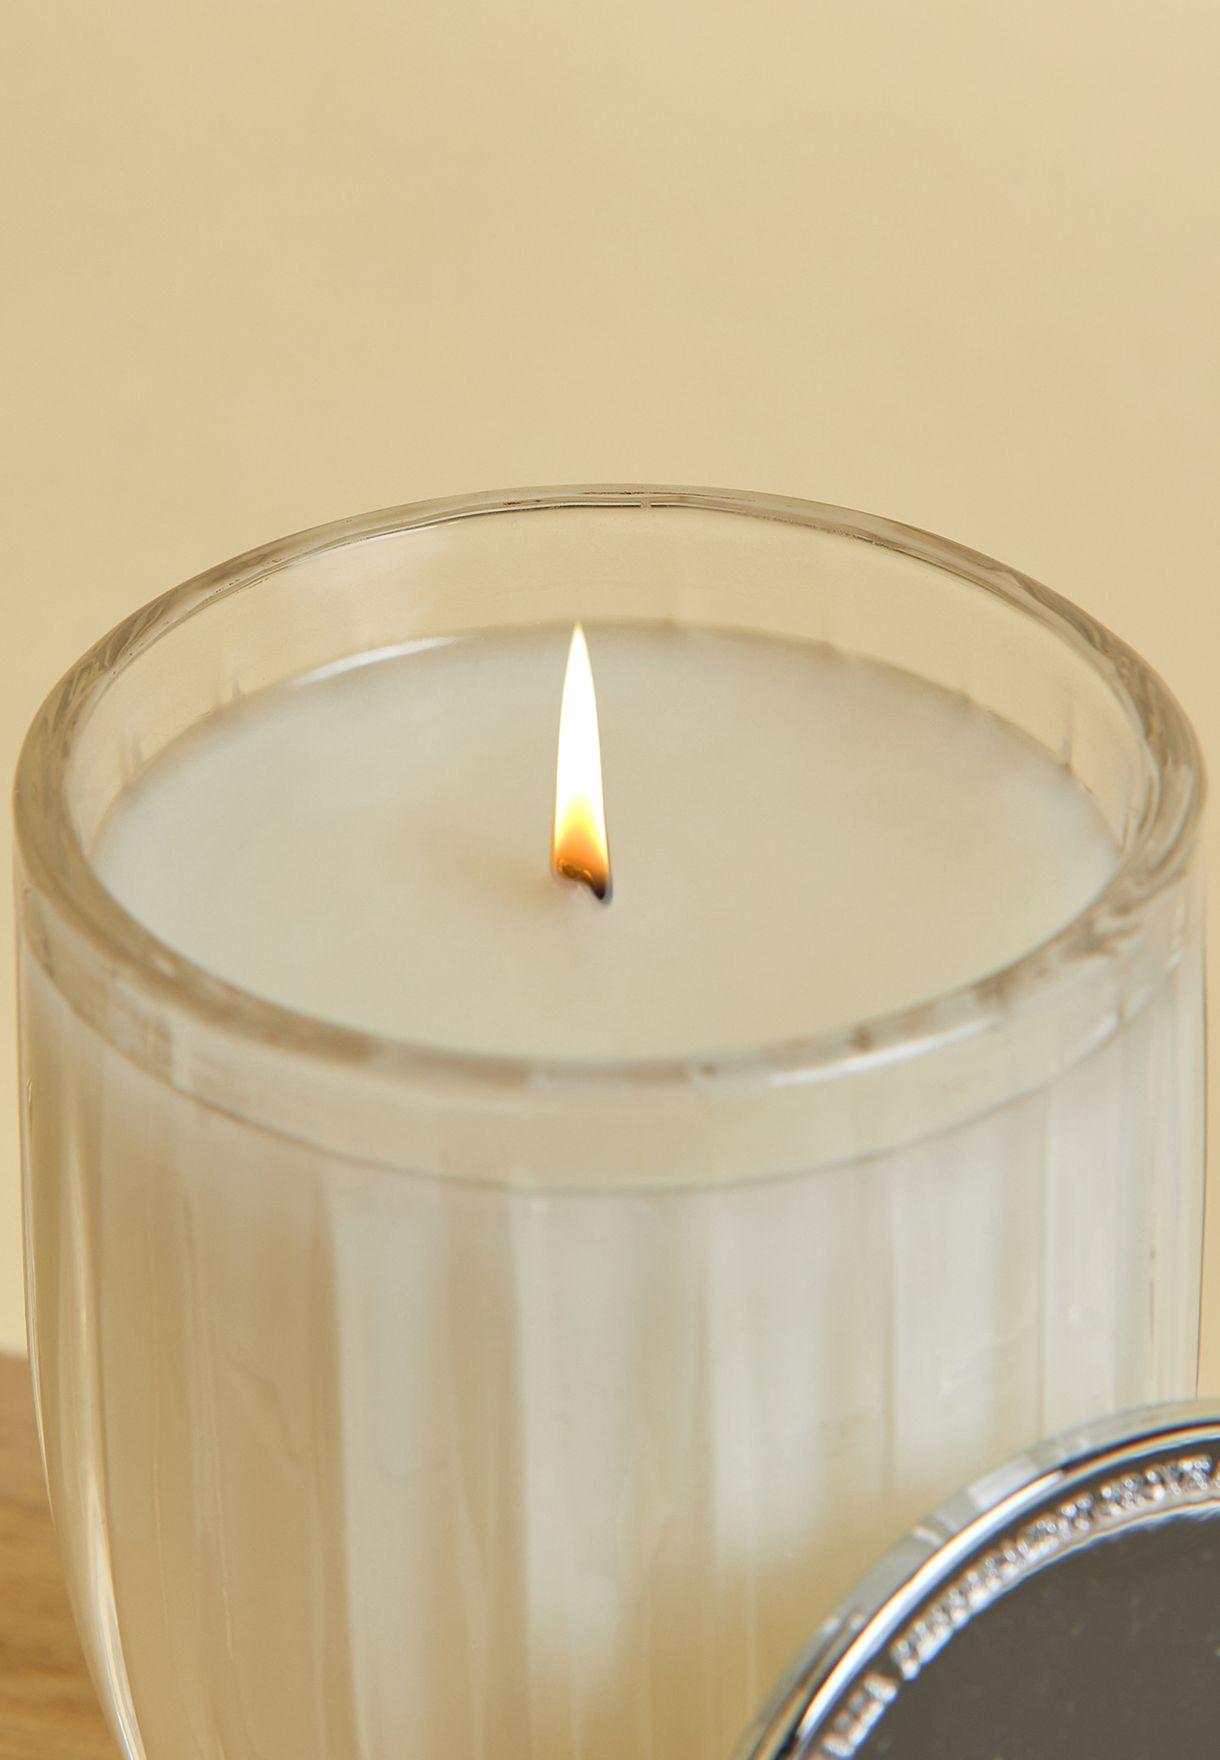 شمعة عطرية بالاوركيد والزنجيل 60